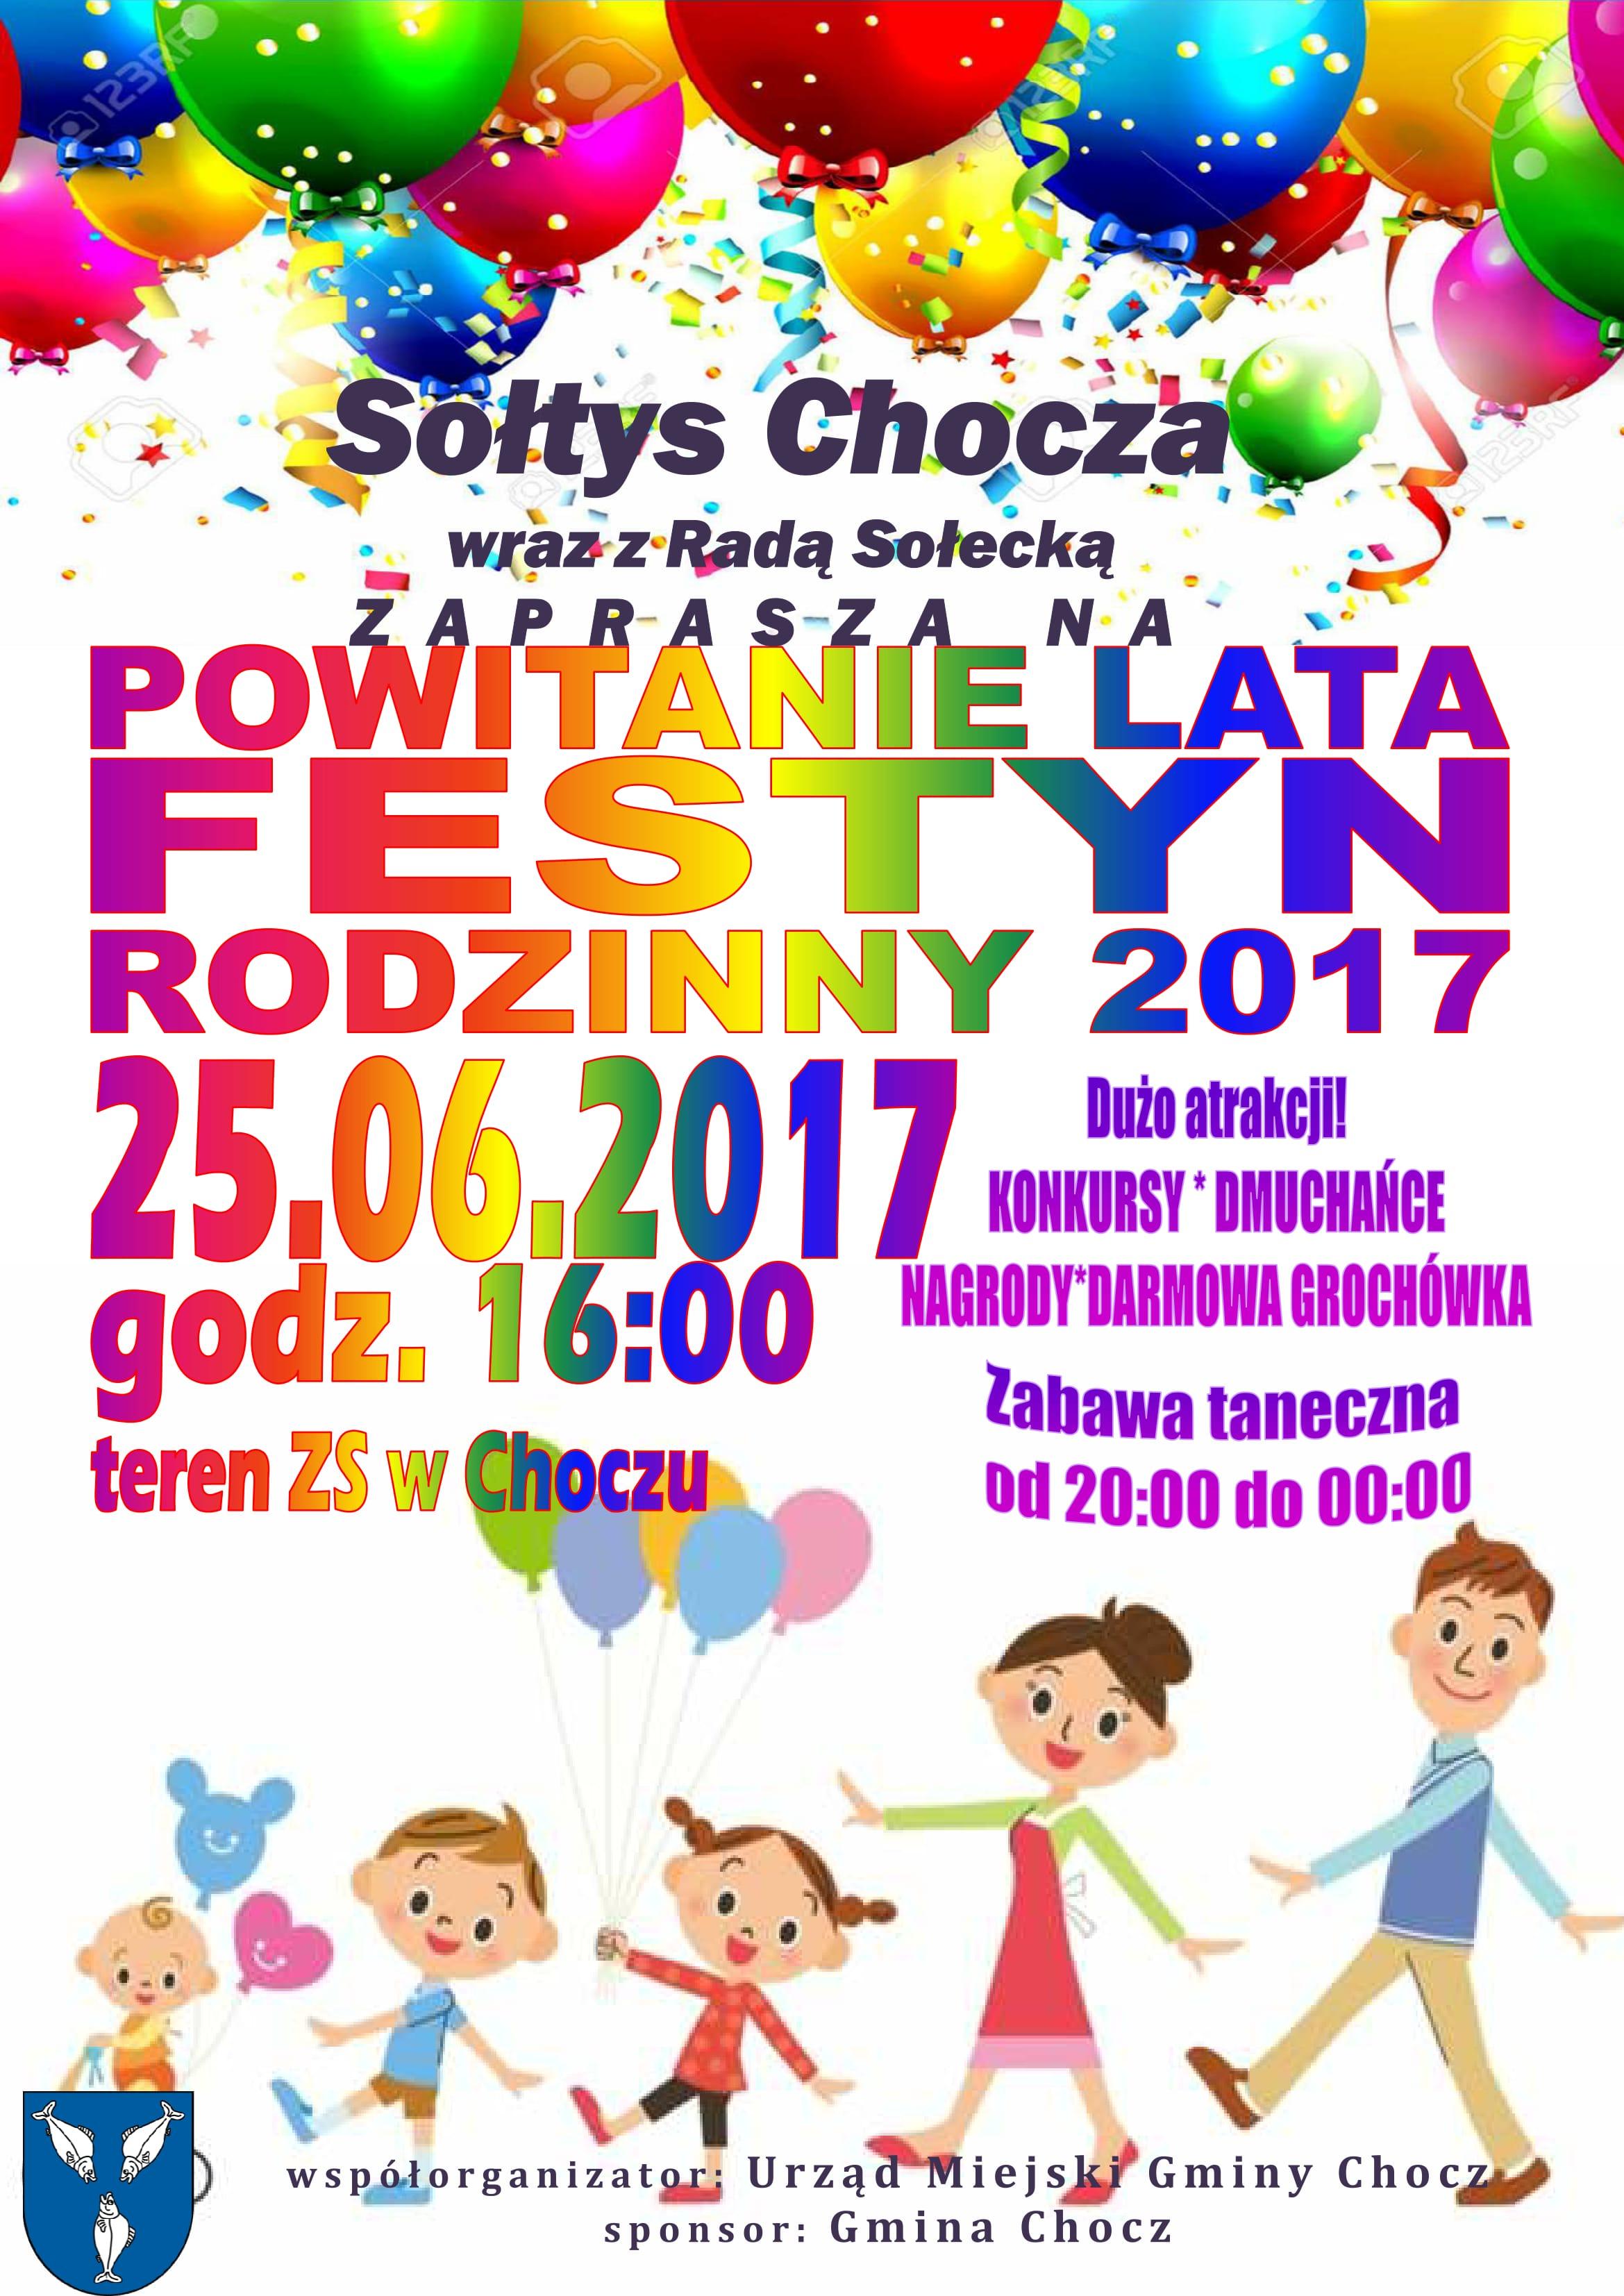 Festyn Powiatnie Lata